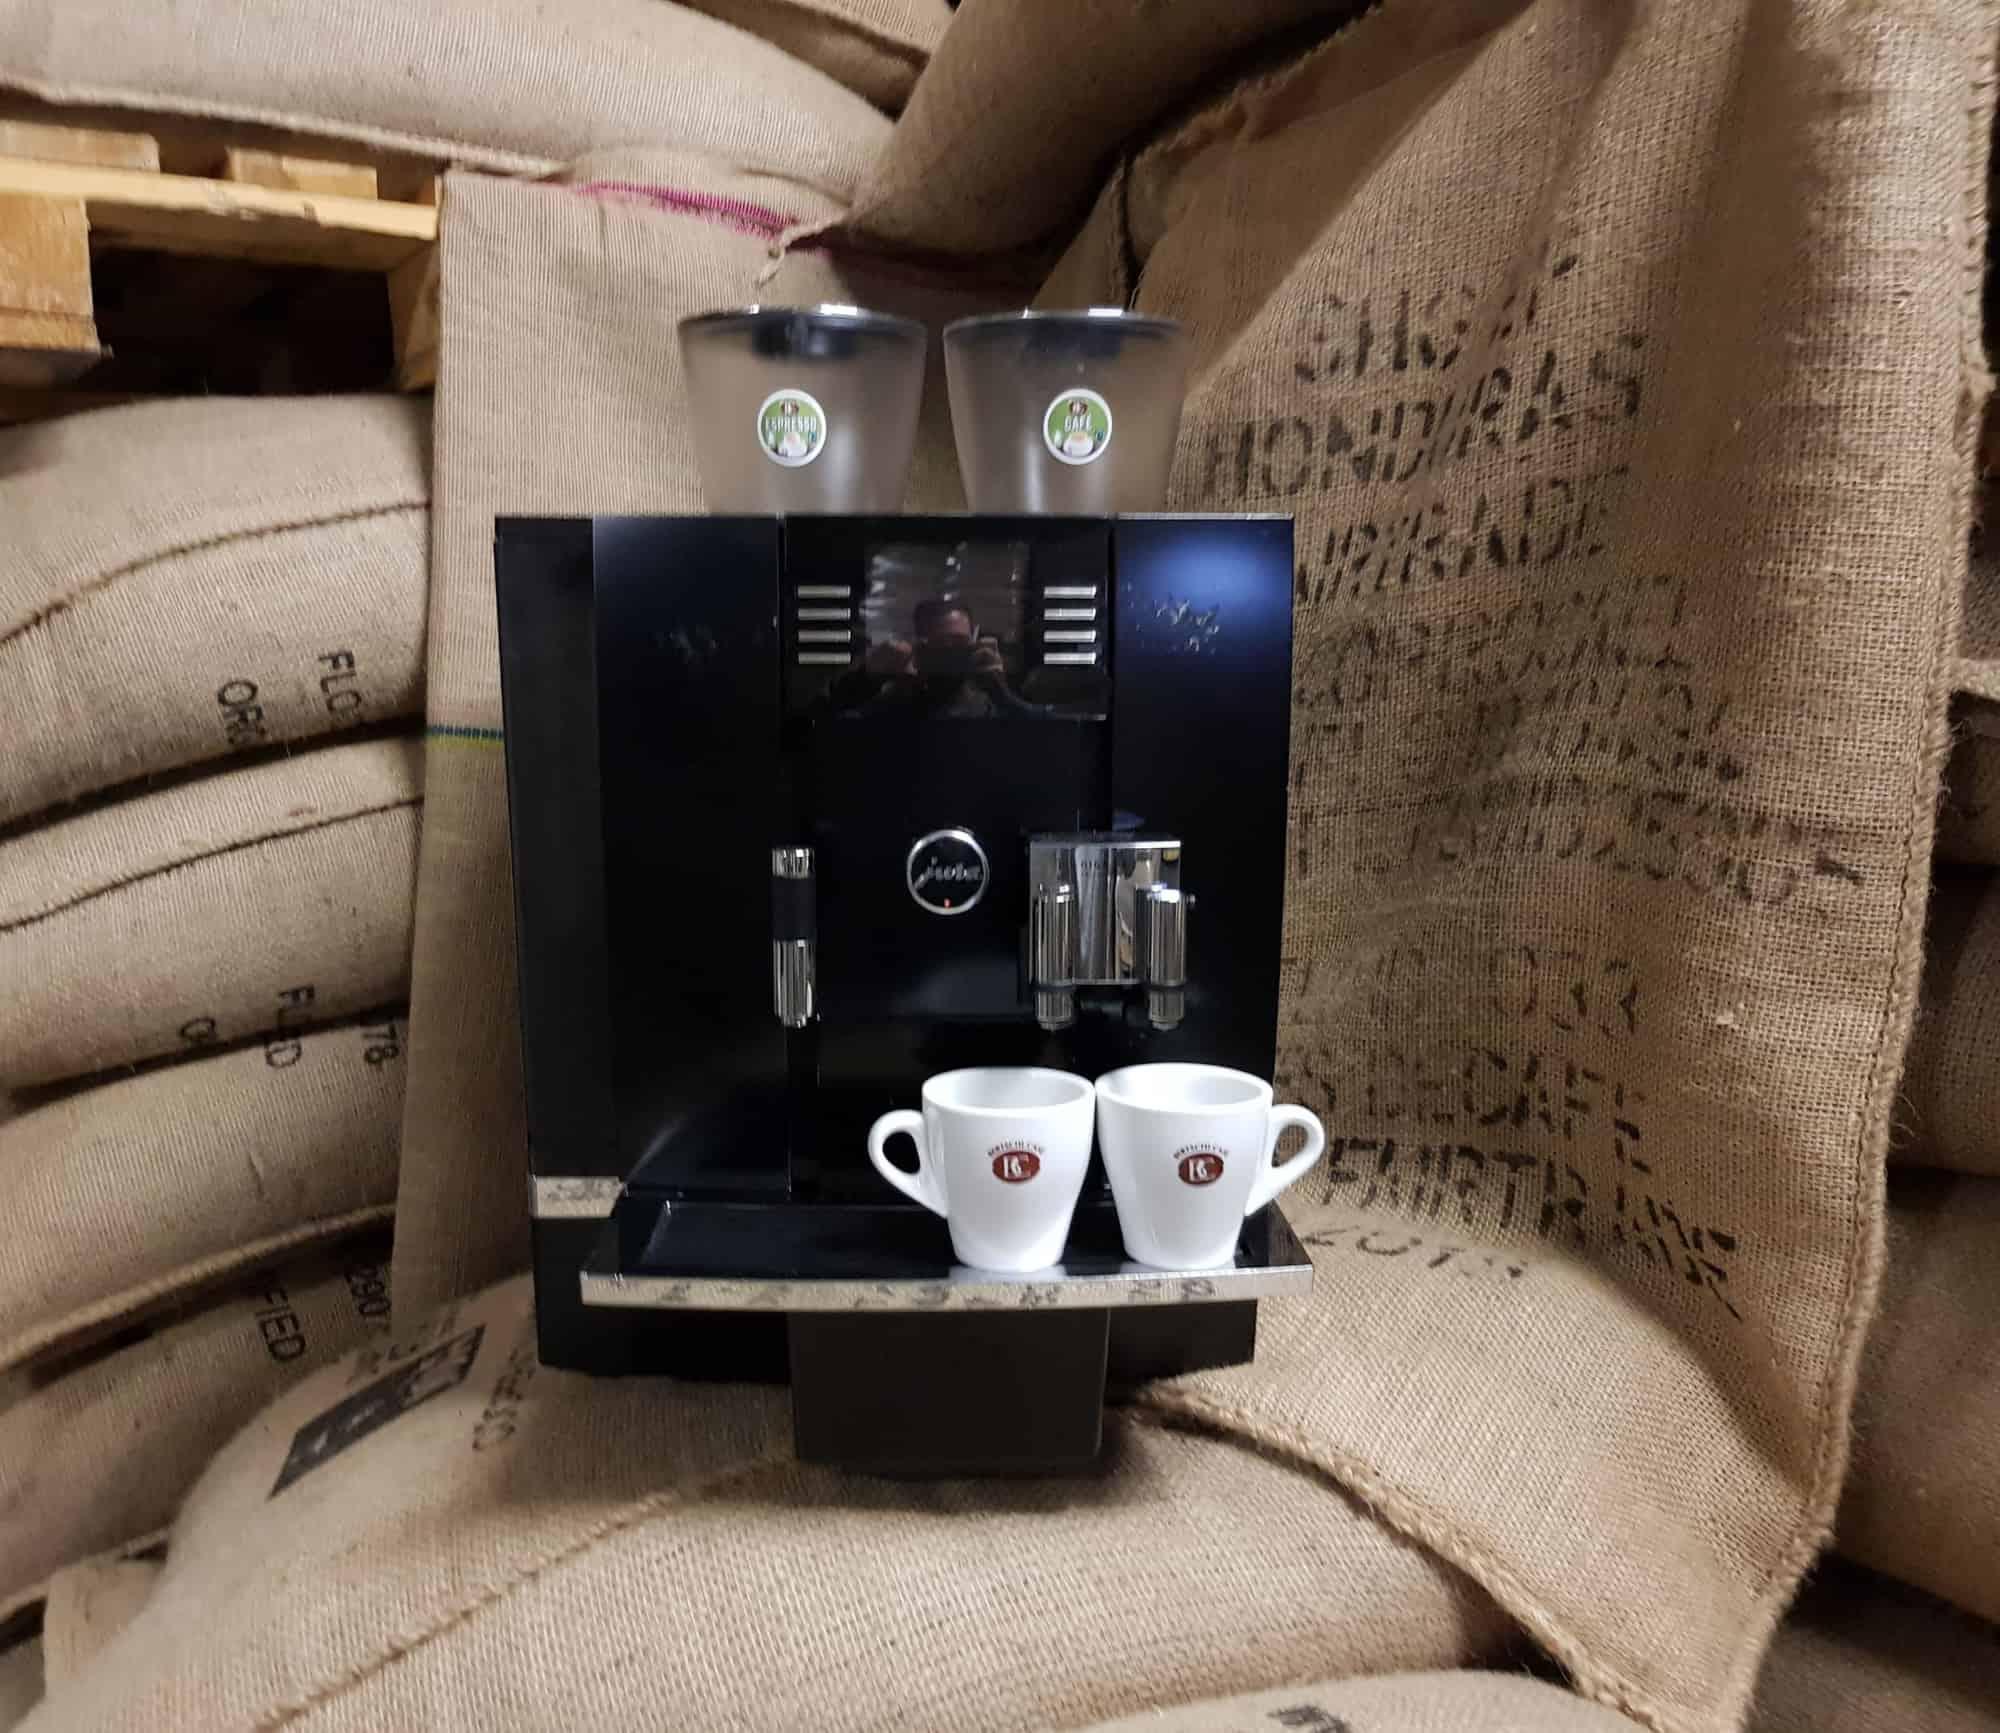 bertschi-kaffee-kaffeemaschinen-verleih3